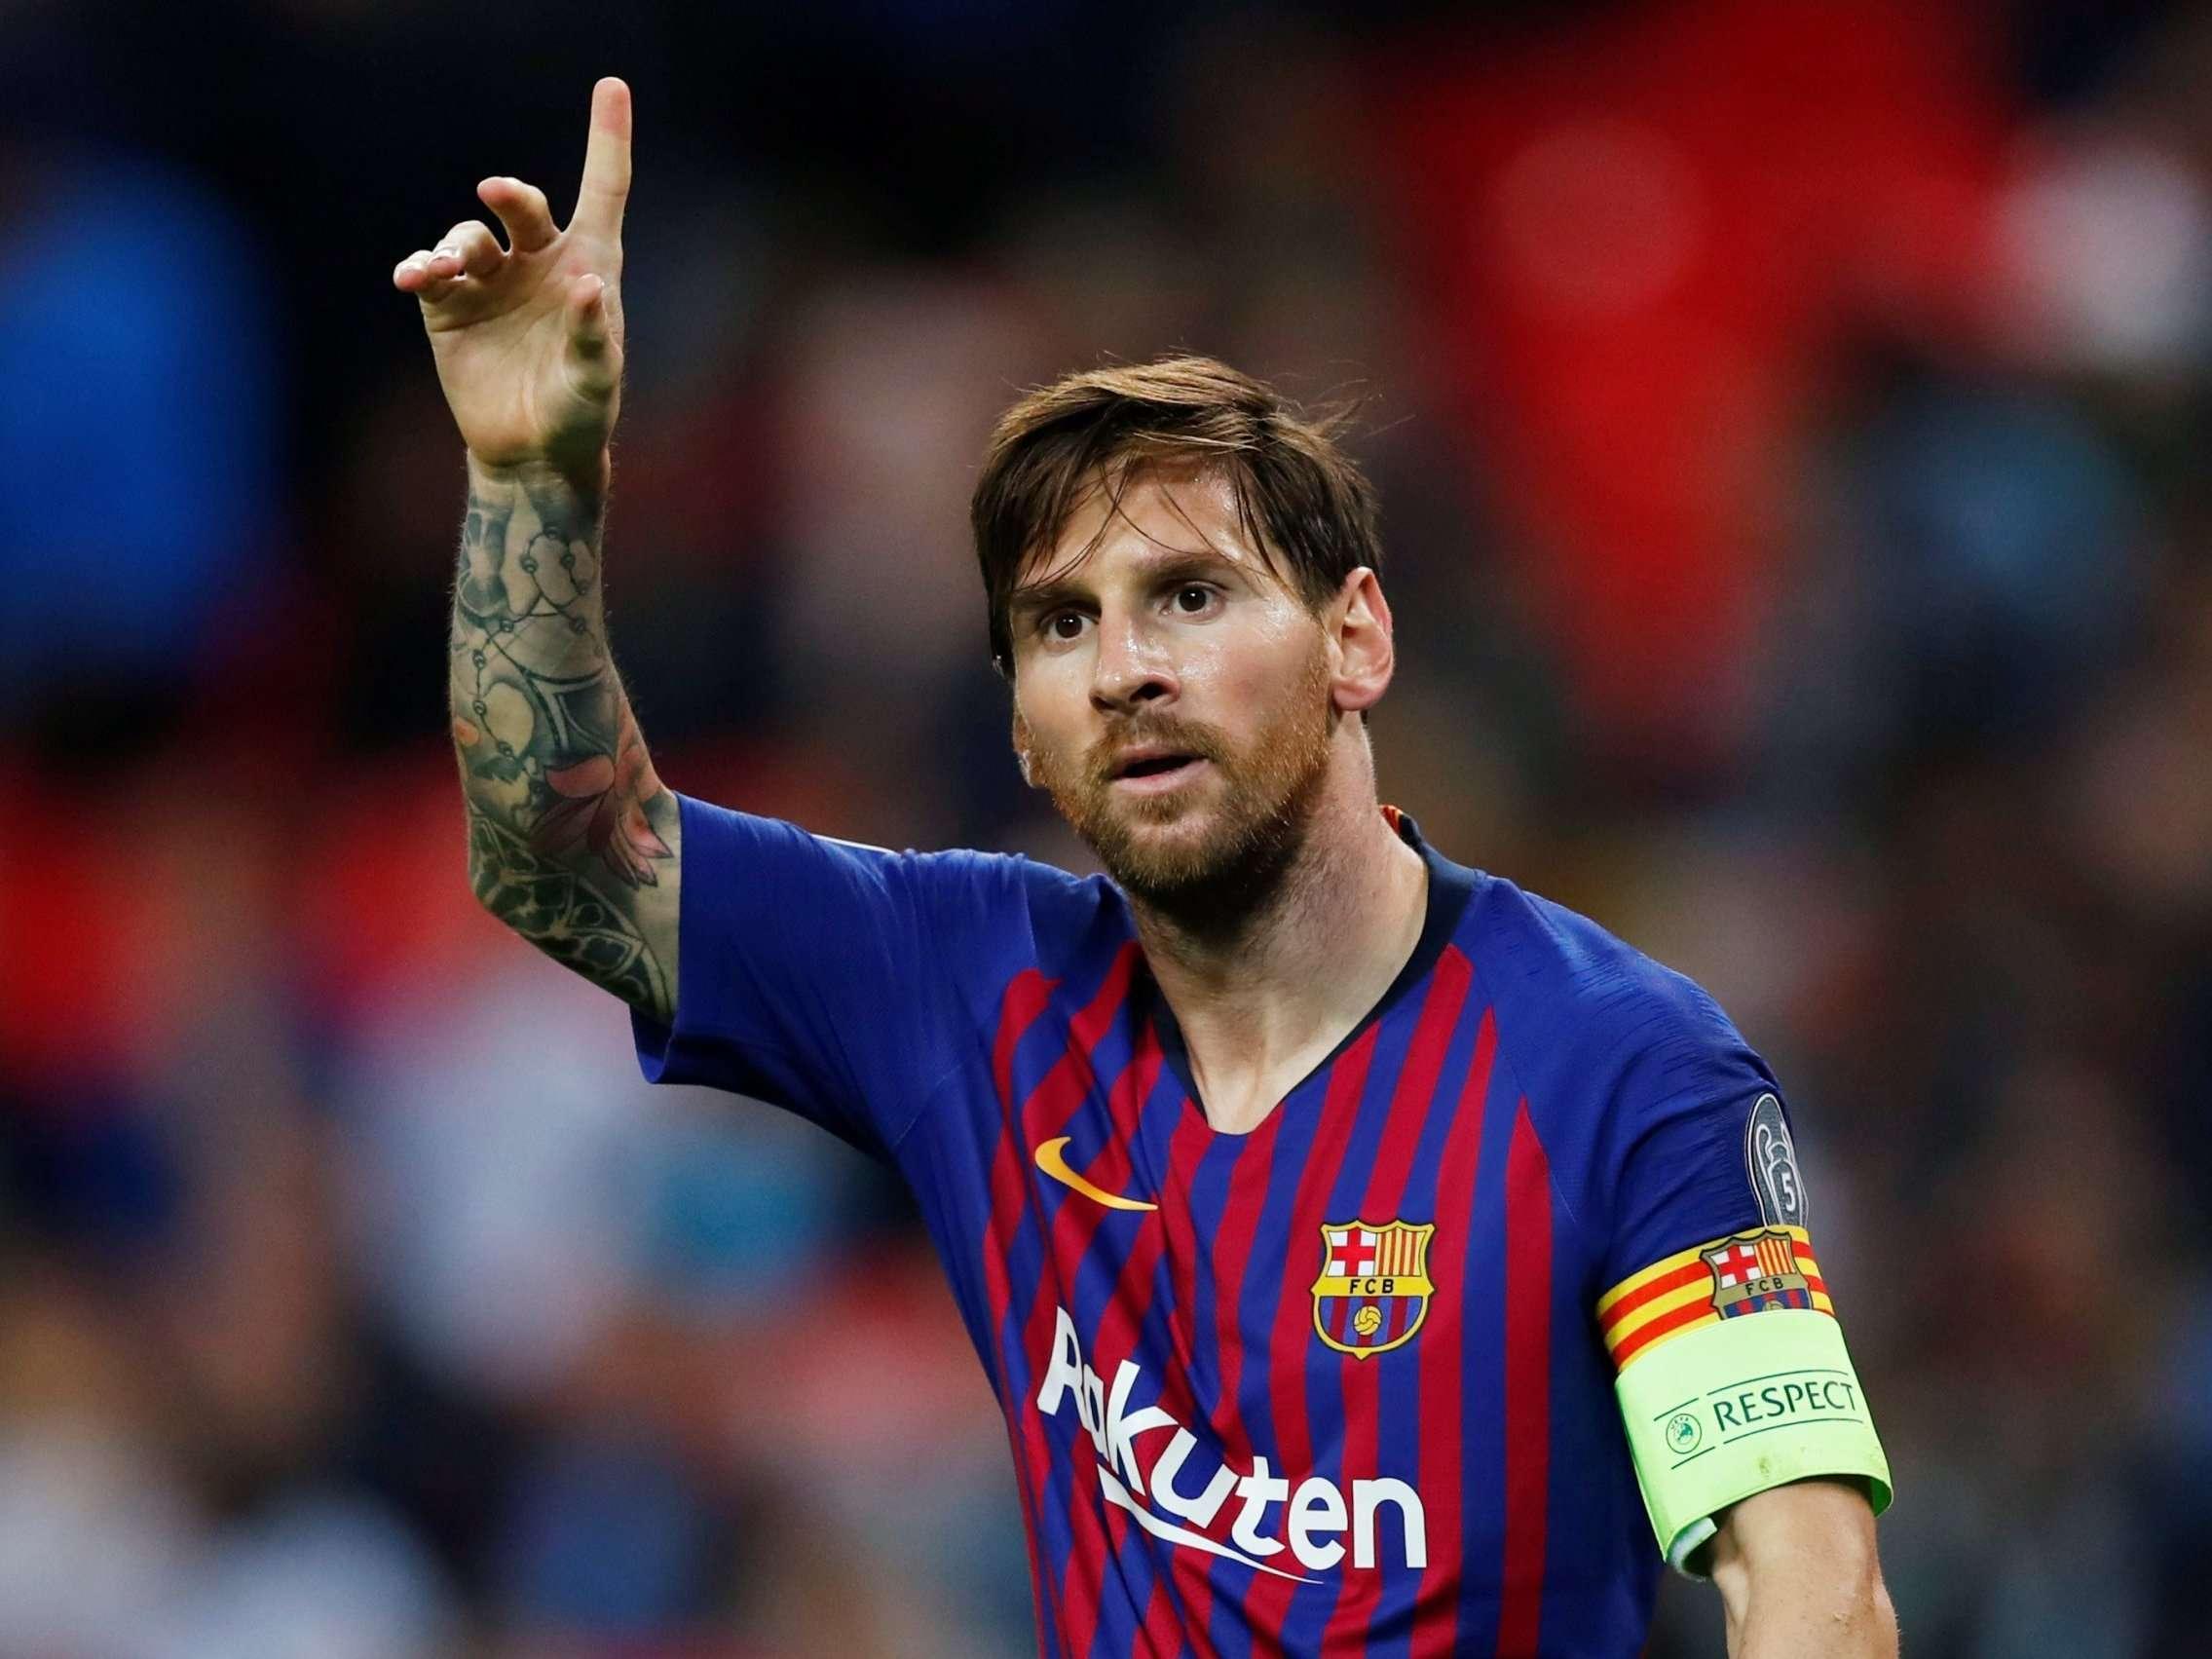 Le onze du Barça contre Getafe